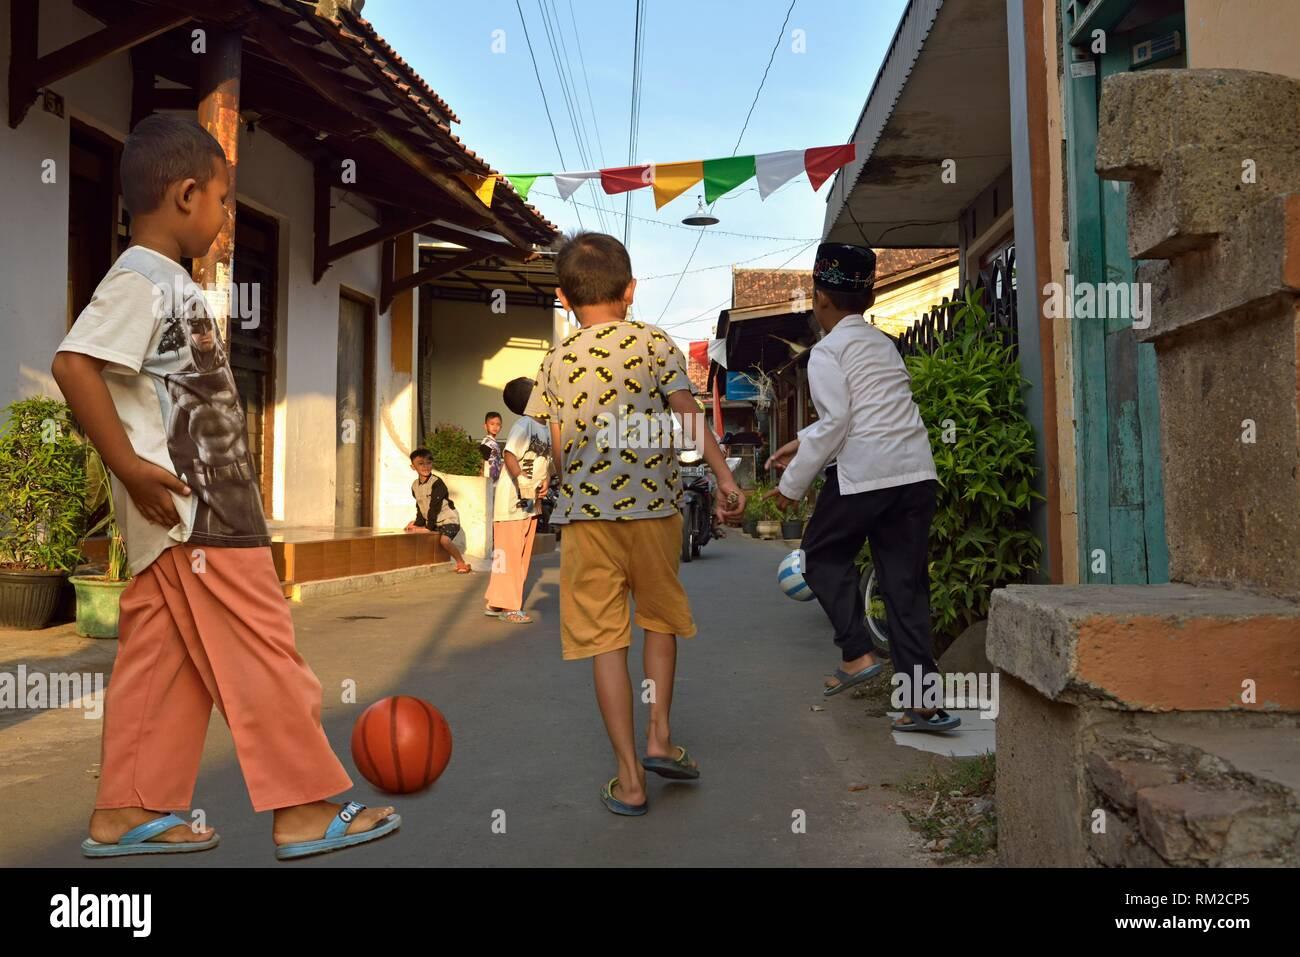 Jungen spielen Ball in einer Straße von Kauman Batik Dorf (Kampung), ist eine kreisfreie Stadt, mit vielen Batik Hersteller und Craftmen, der pekalongan, Java Stockbild